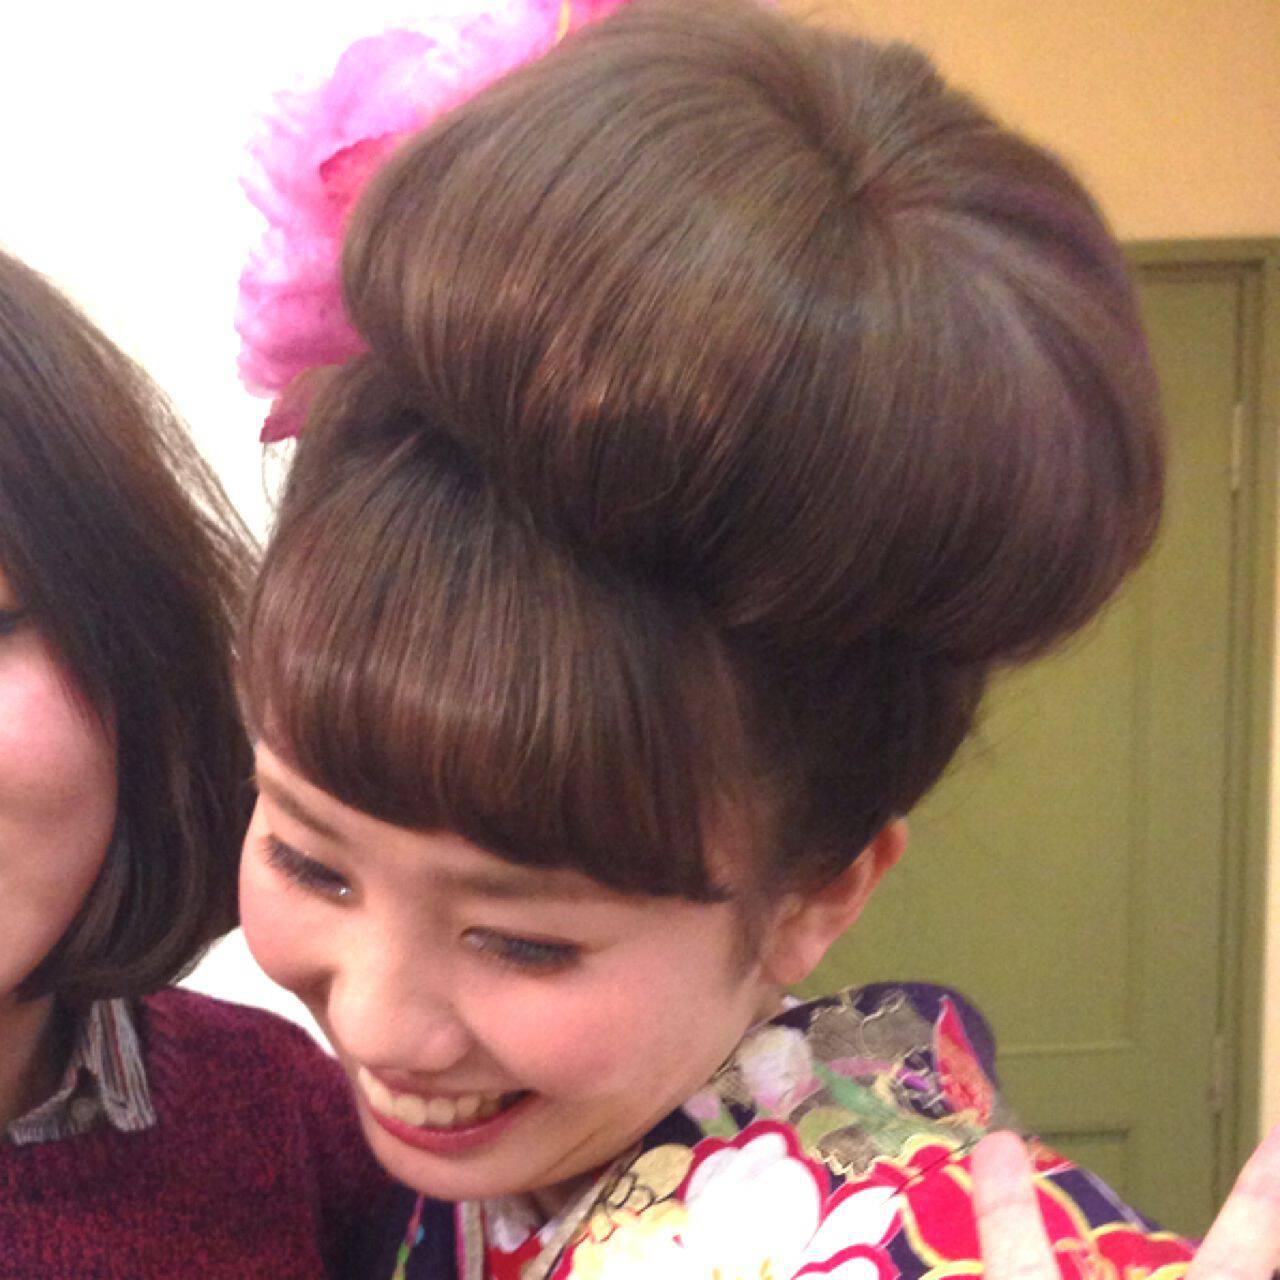 アップスタイル お団子 ヘアアレンジ コンサバヘアスタイルや髪型の写真・画像